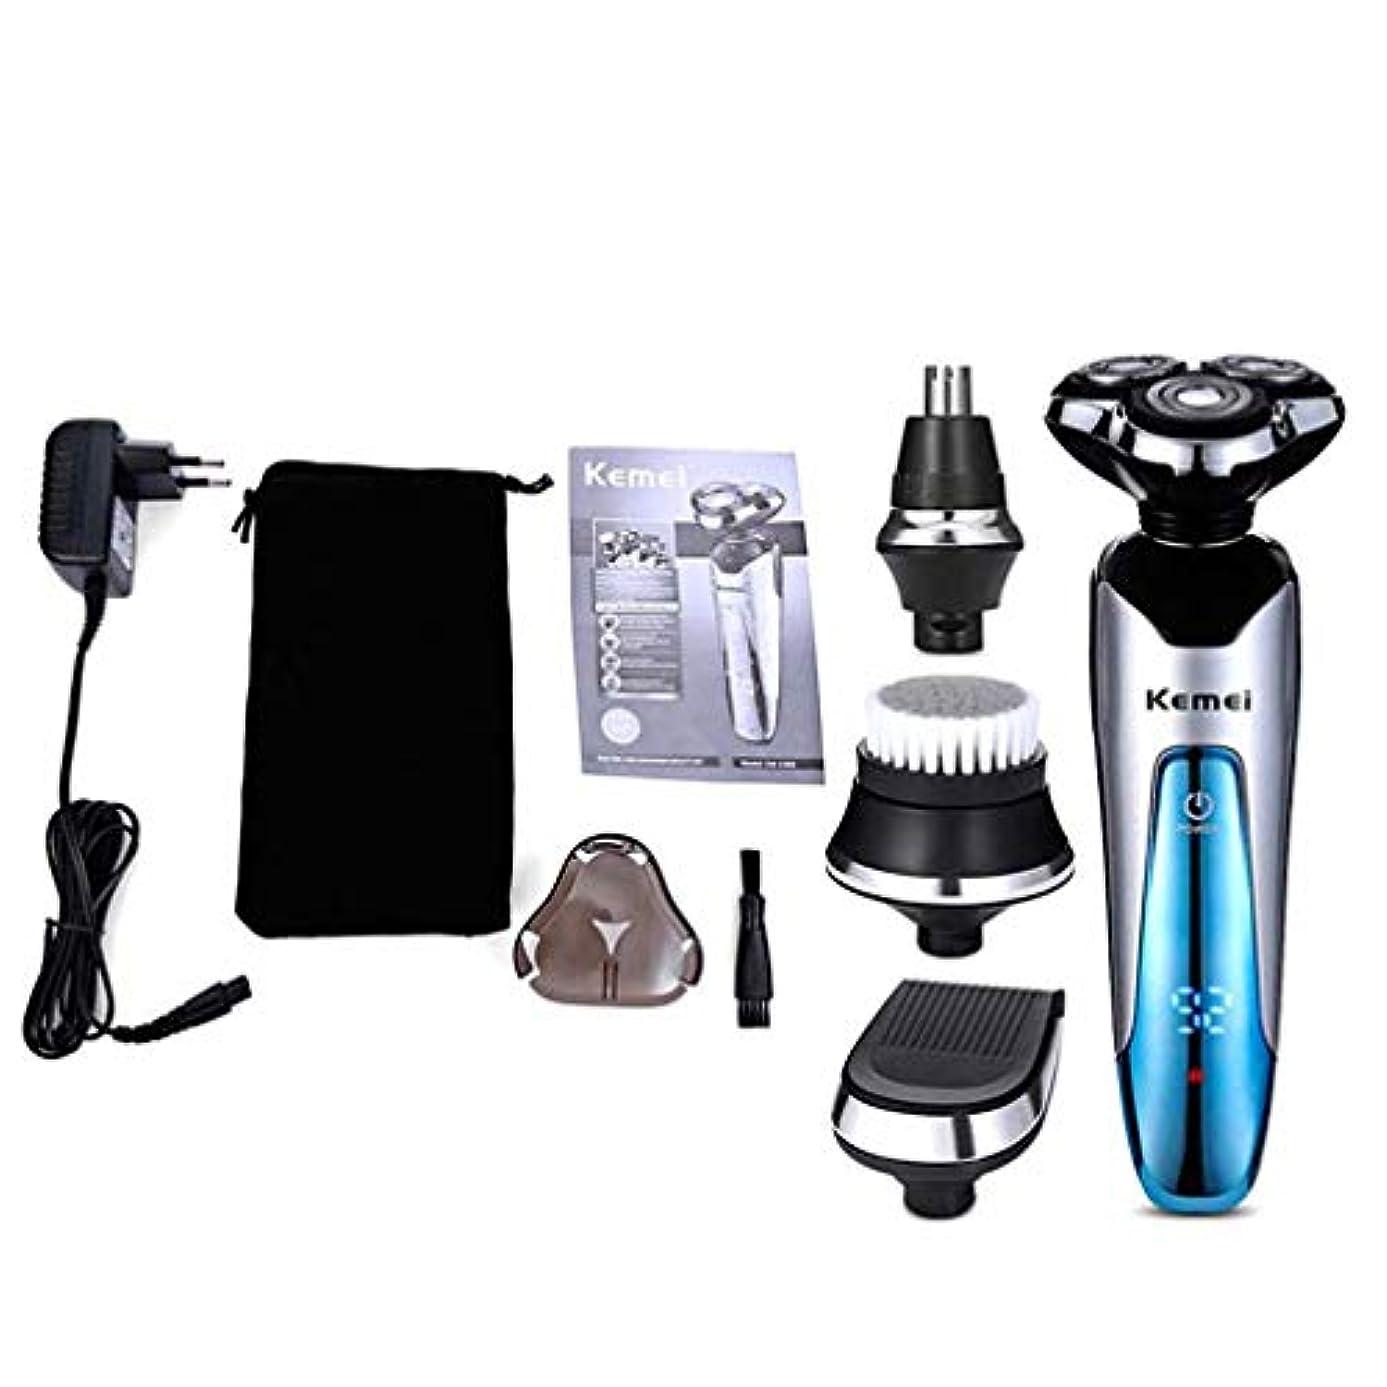 コメント蚊形フルボディ洗える充電式スリーインワン電気シェーバー充電式鼻毛機デジタルカミソリのボディ